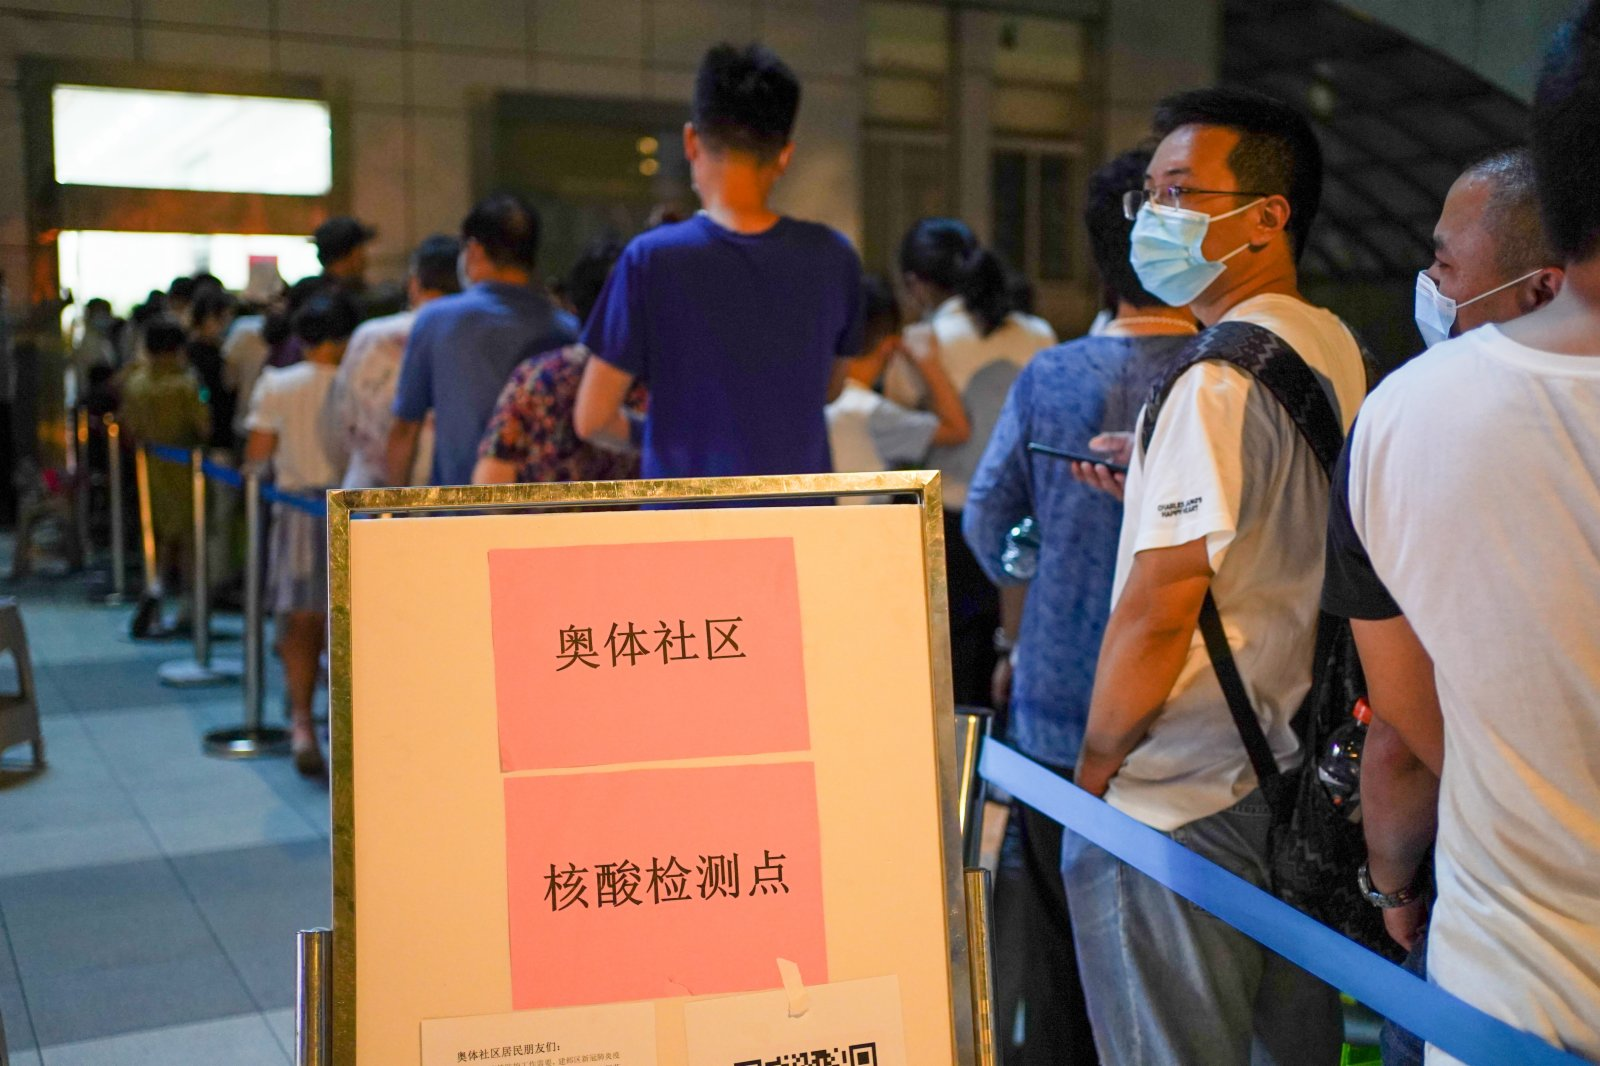 7月21日晚,在南京市建鄴區一處檢測點,市民在排隊準備進行核酸檢測。(新華社)